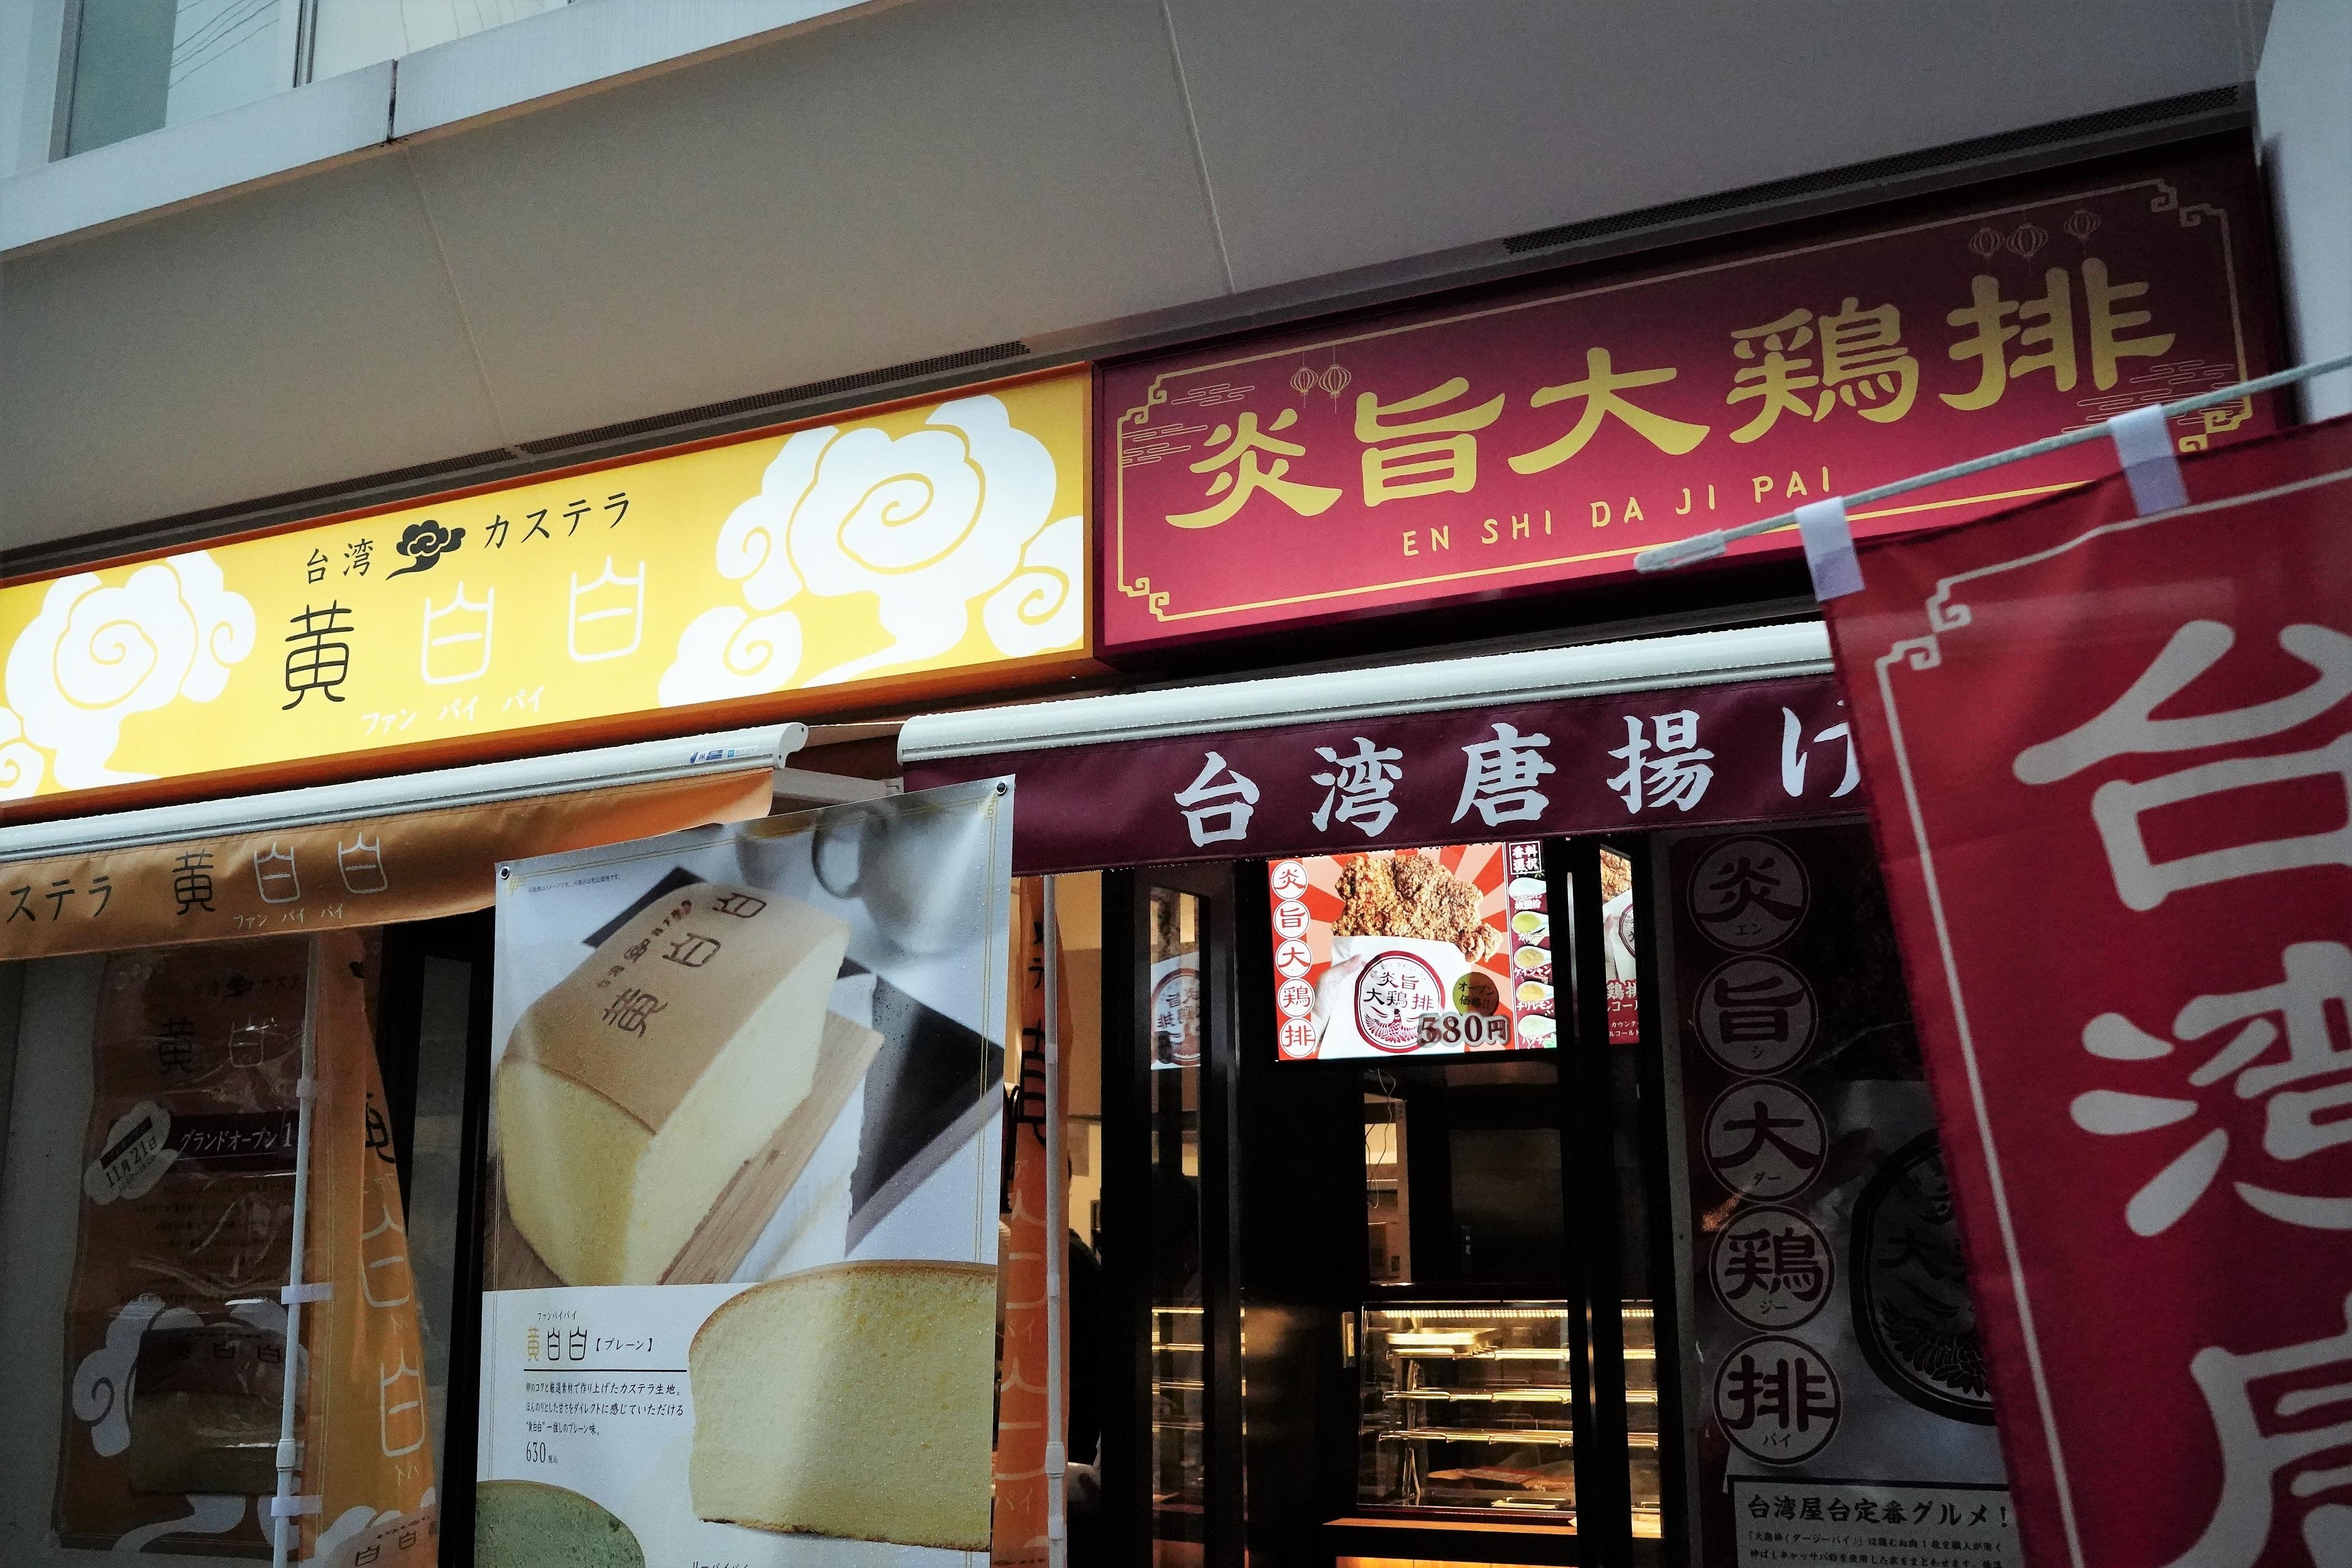 話題のプルふわ食感!台湾カステラ「黄白白(ファンパイパイ)」が大須にオープン - DSC05516